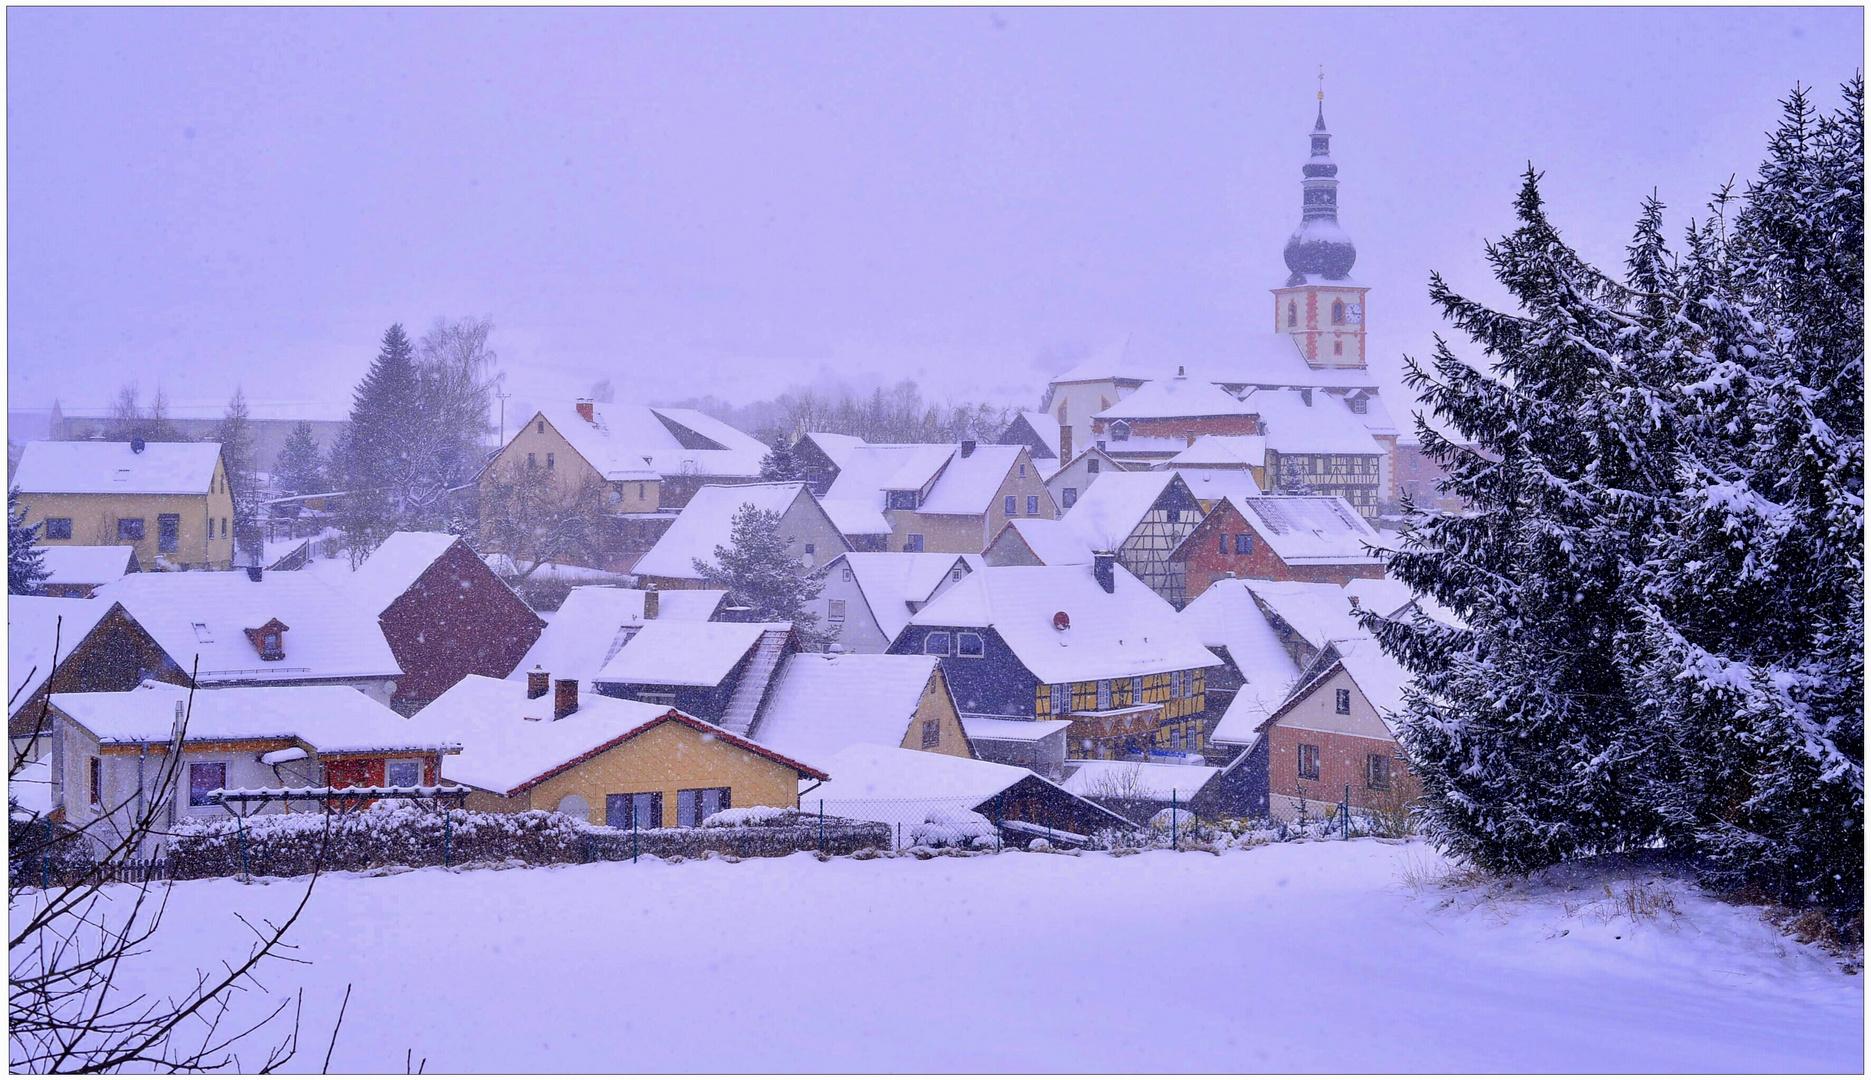 lleva nevando todo el día hoy (den ganzen Tag hat es geschneit)